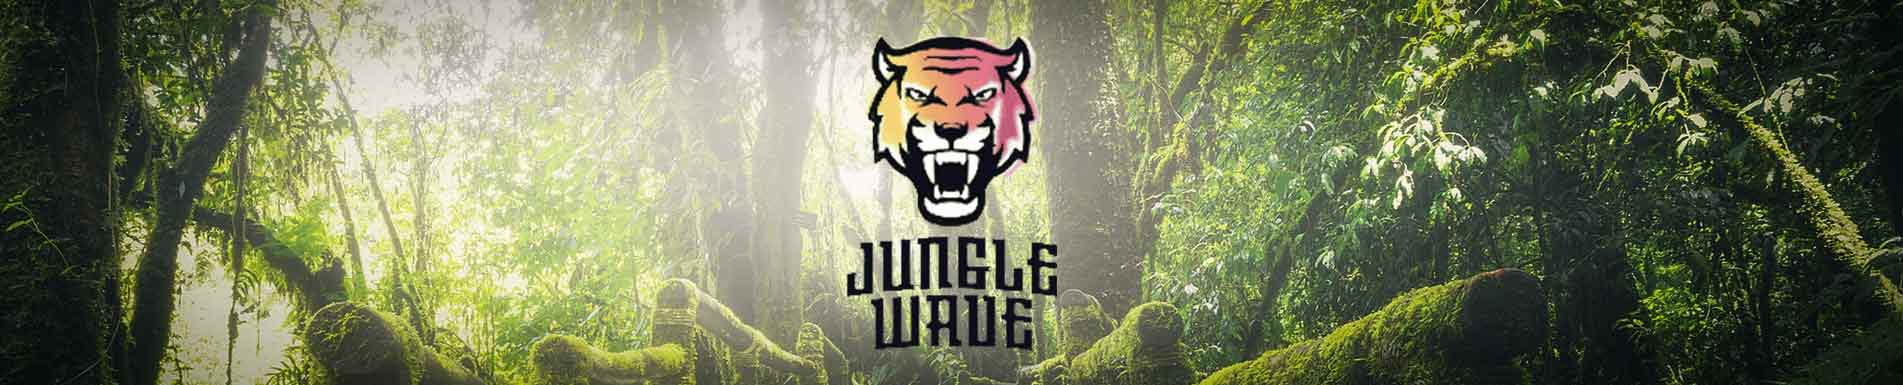 arome jungle wave